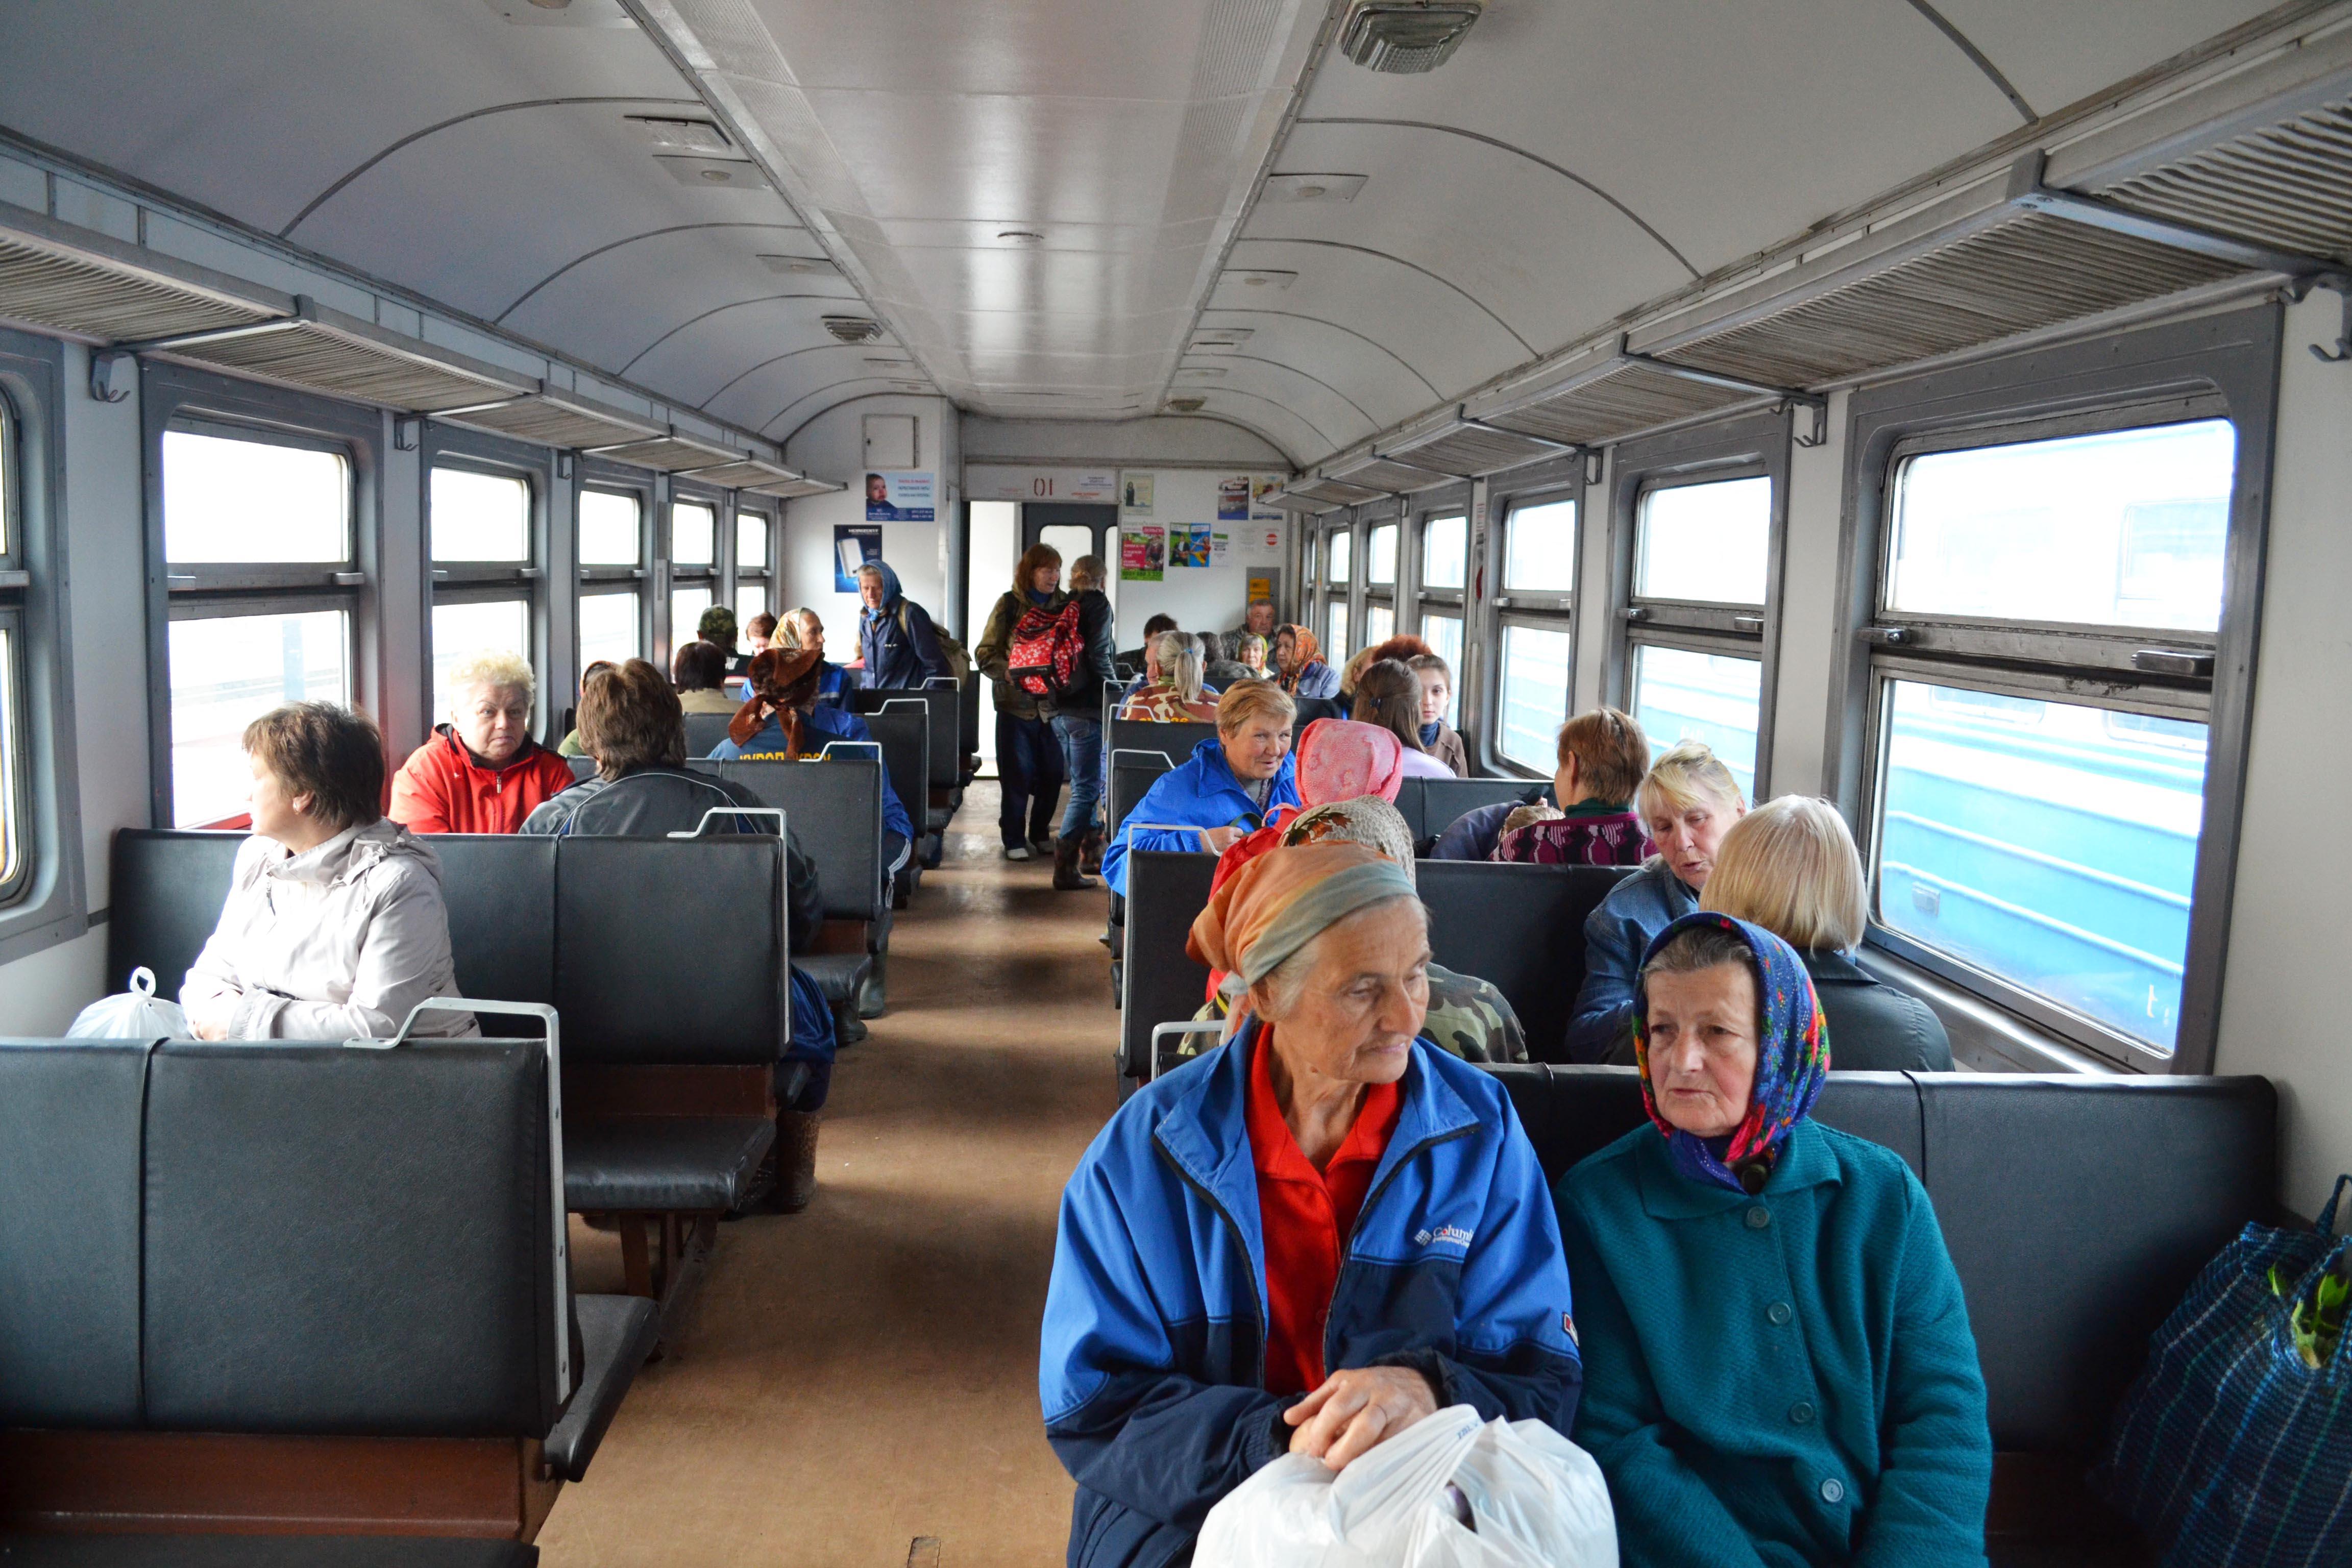 Электричка «Барановичи - Брест» за 10 минут до отправления. Большинство пассажиров - пожилые люди: ягодники и дачники.